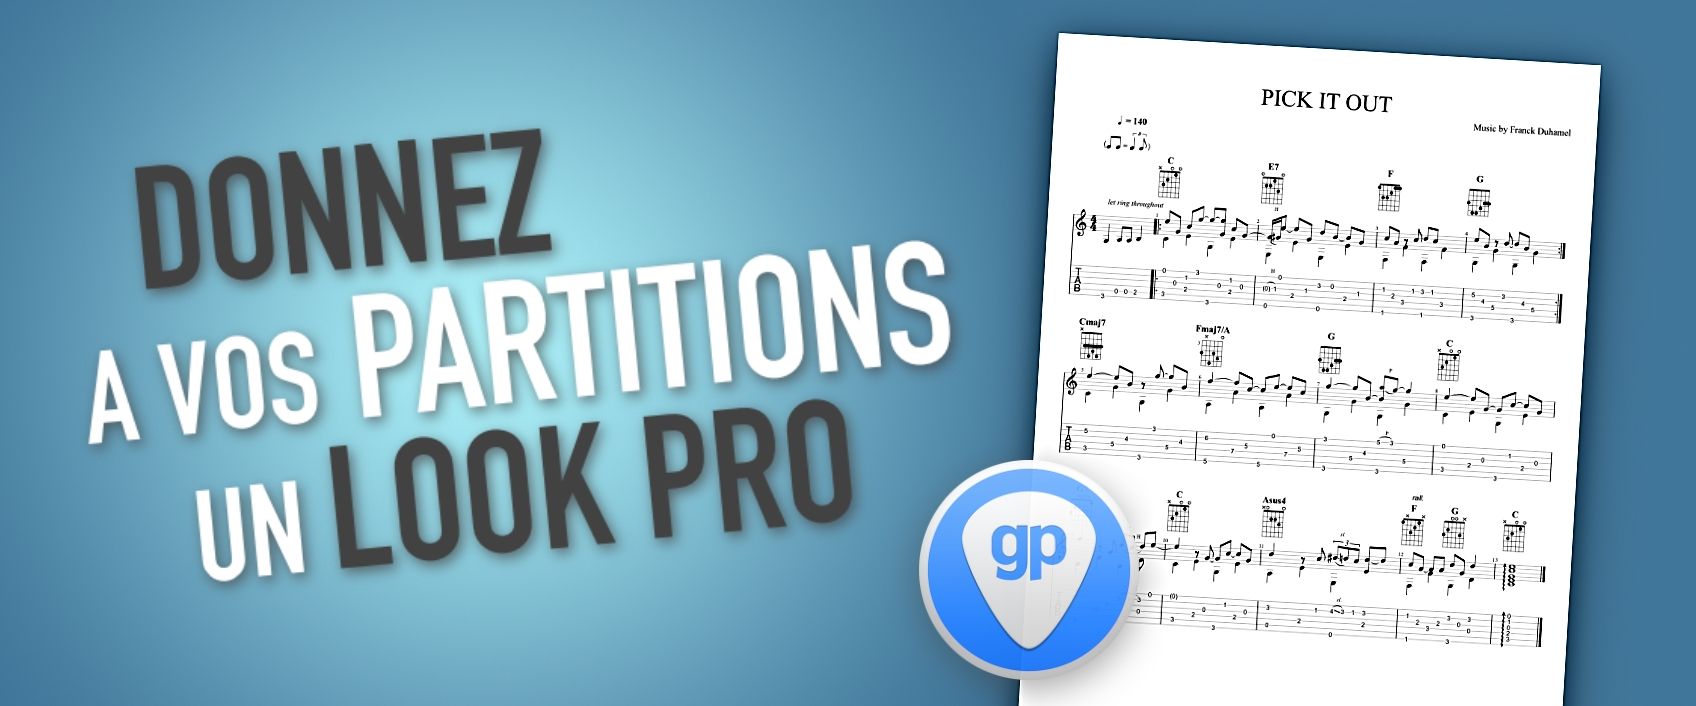 [TUTO] 10 Astuces pour donner un look pro à vos partitions dans Guitar Pro